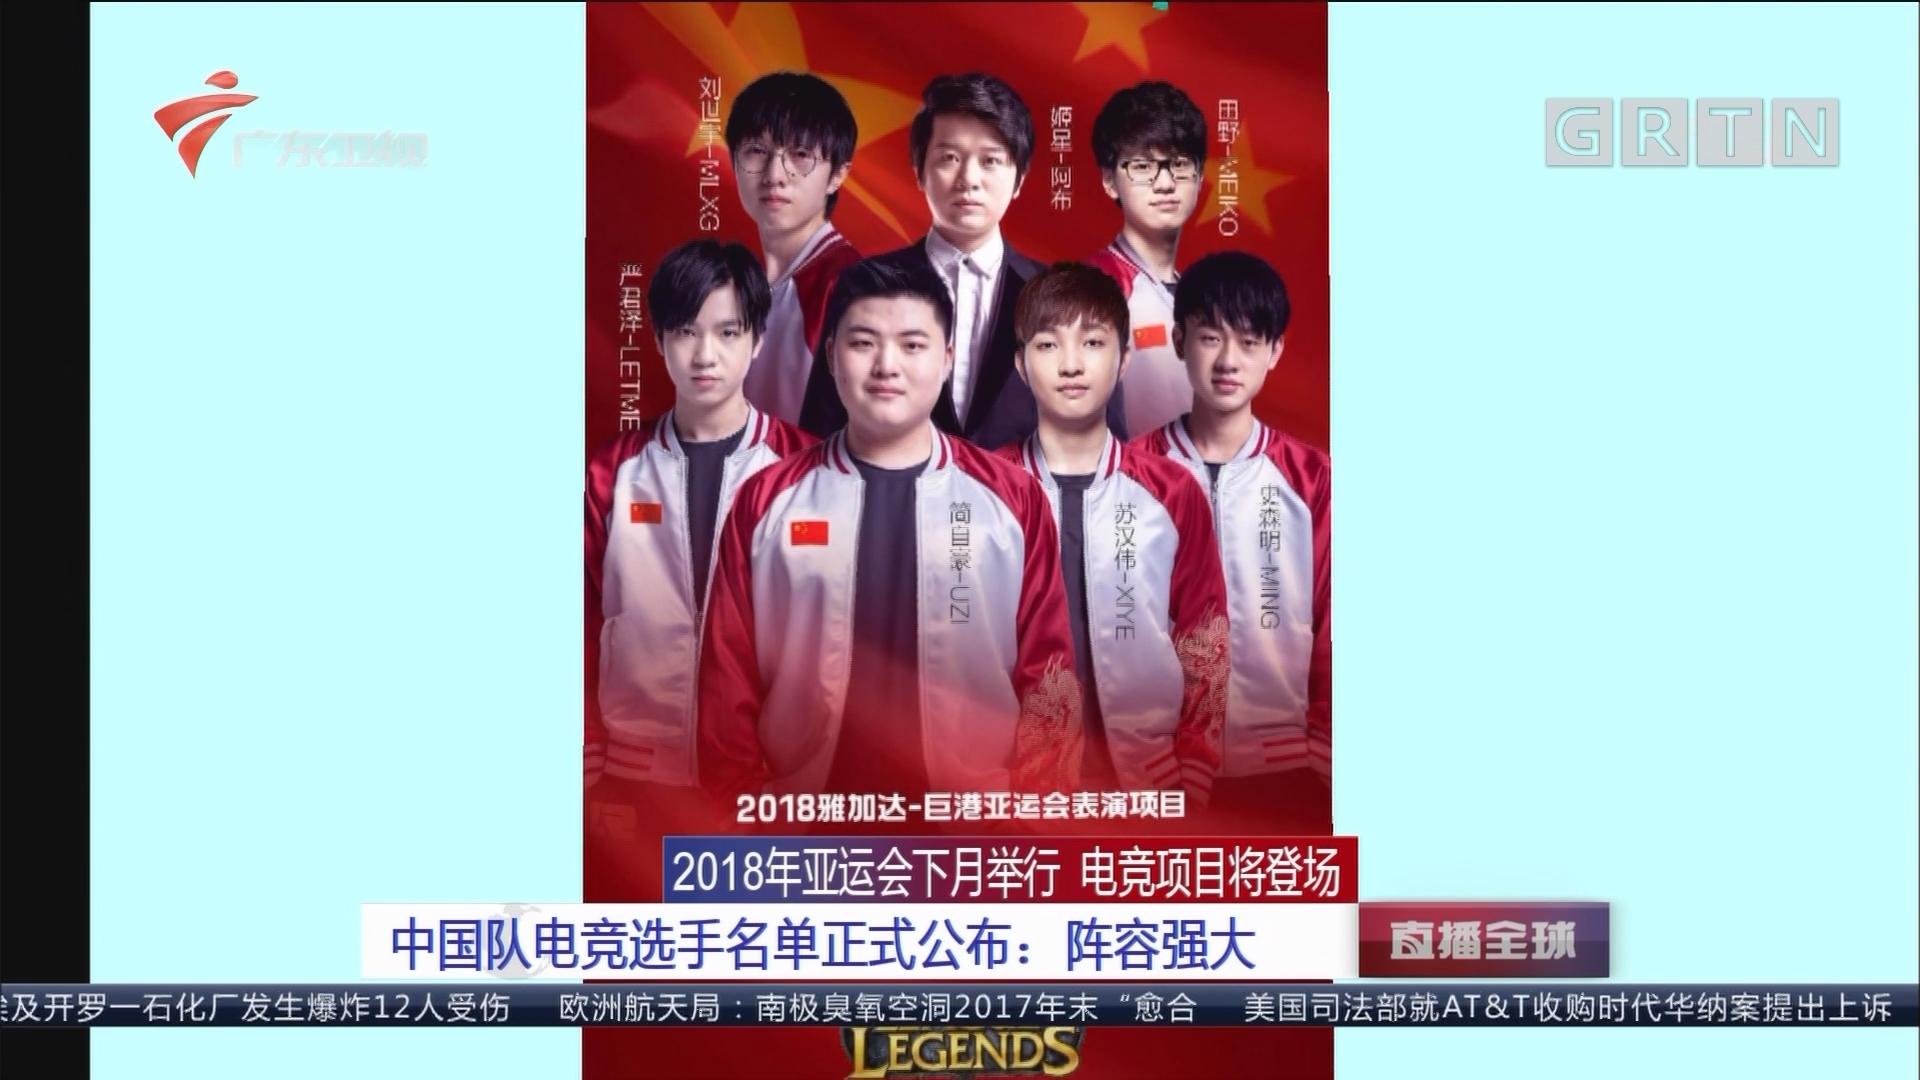 2018年亚运会下月举行 电竞项目将登场 中国队电竞选手名单正式公布:阵容强大